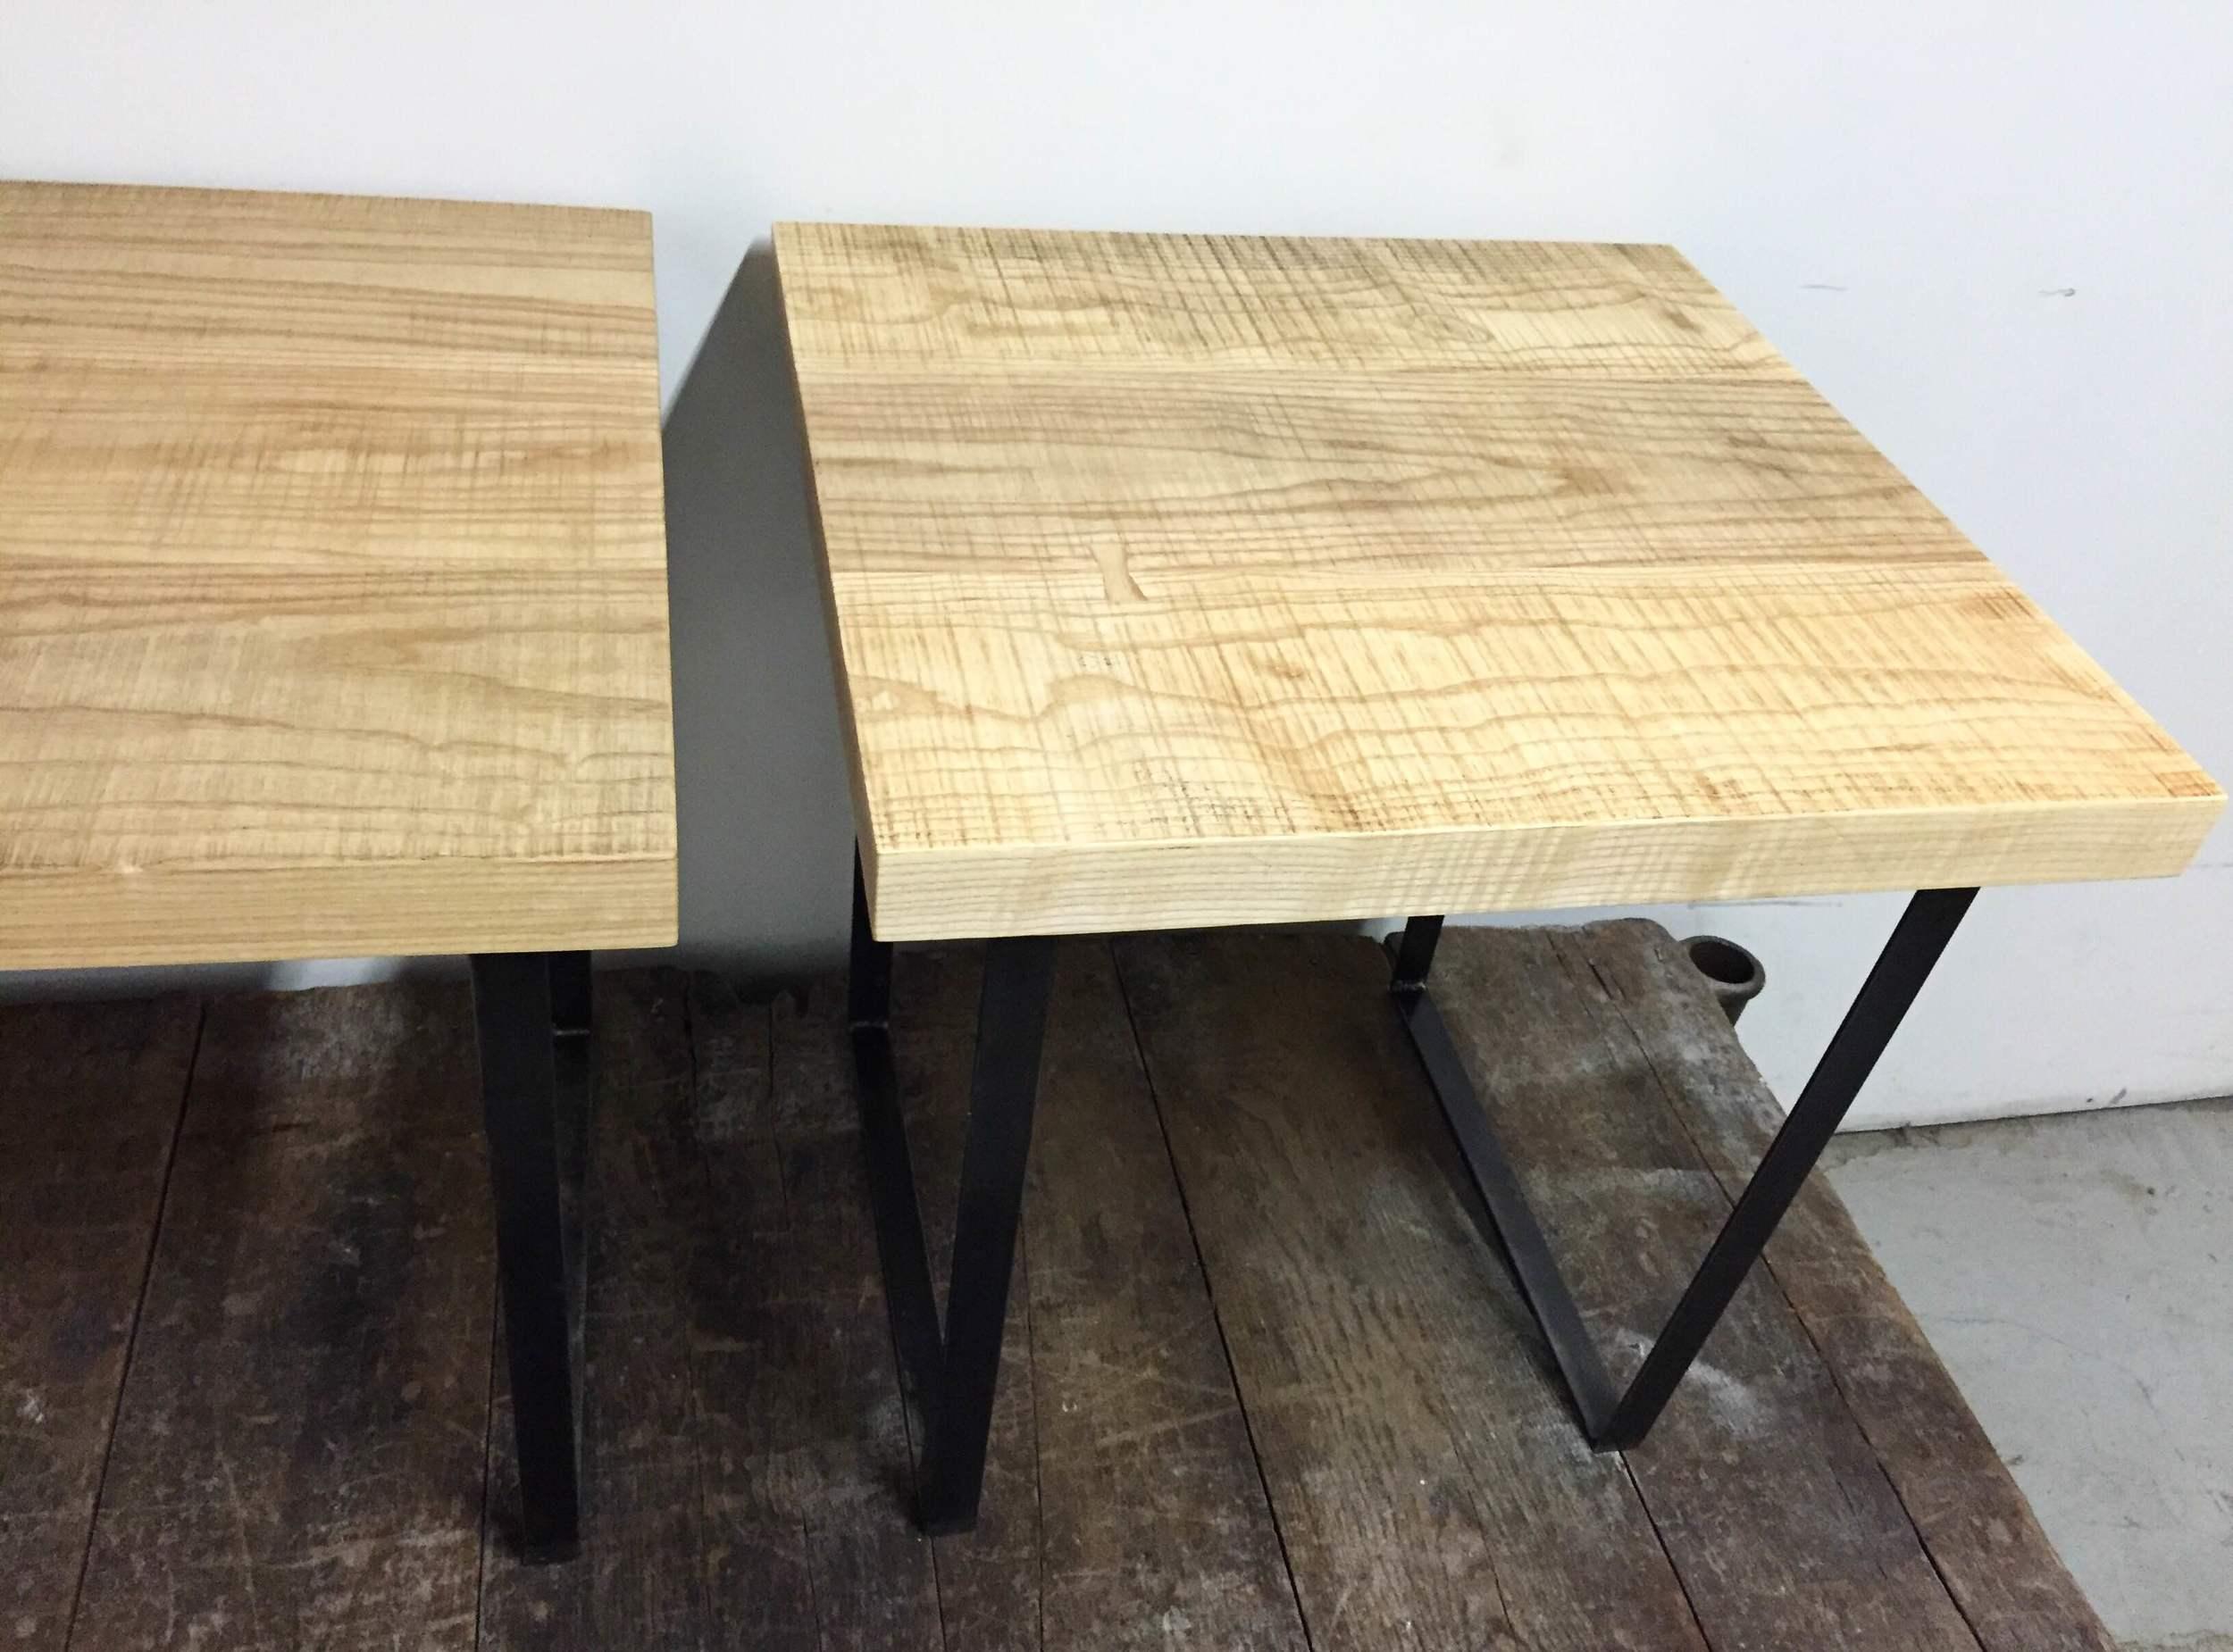 rustic end tables 3.JPG